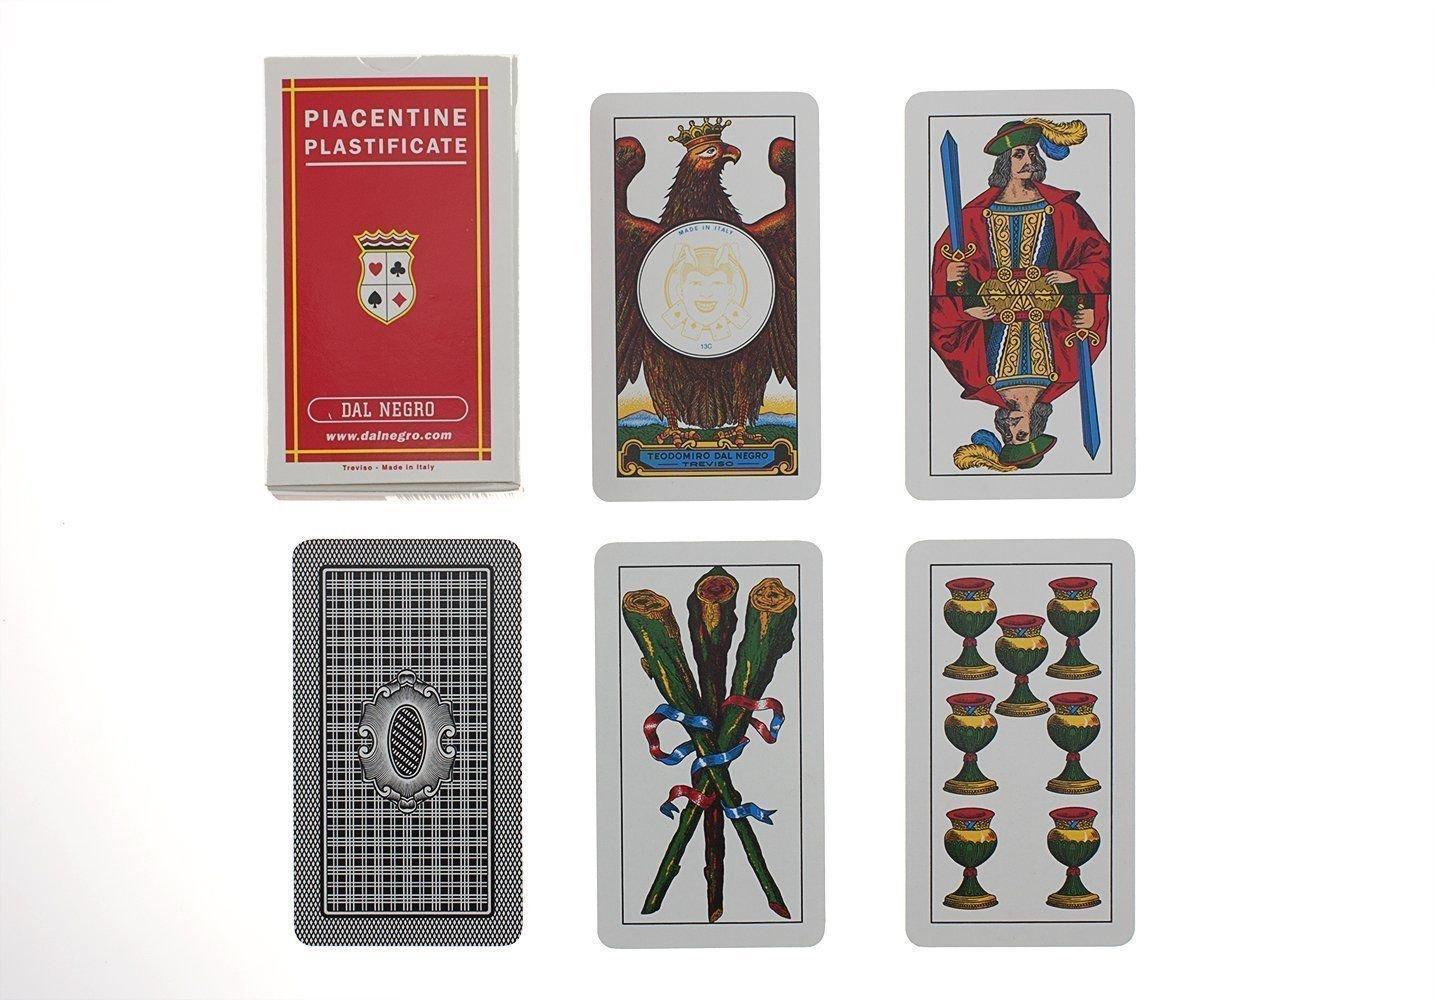 Dal Negro 10008 - Piacentine Carte da Gioco Regionali, Astuccio Rosso Teodomiro Dal Negro S.p.A. 4XXX2